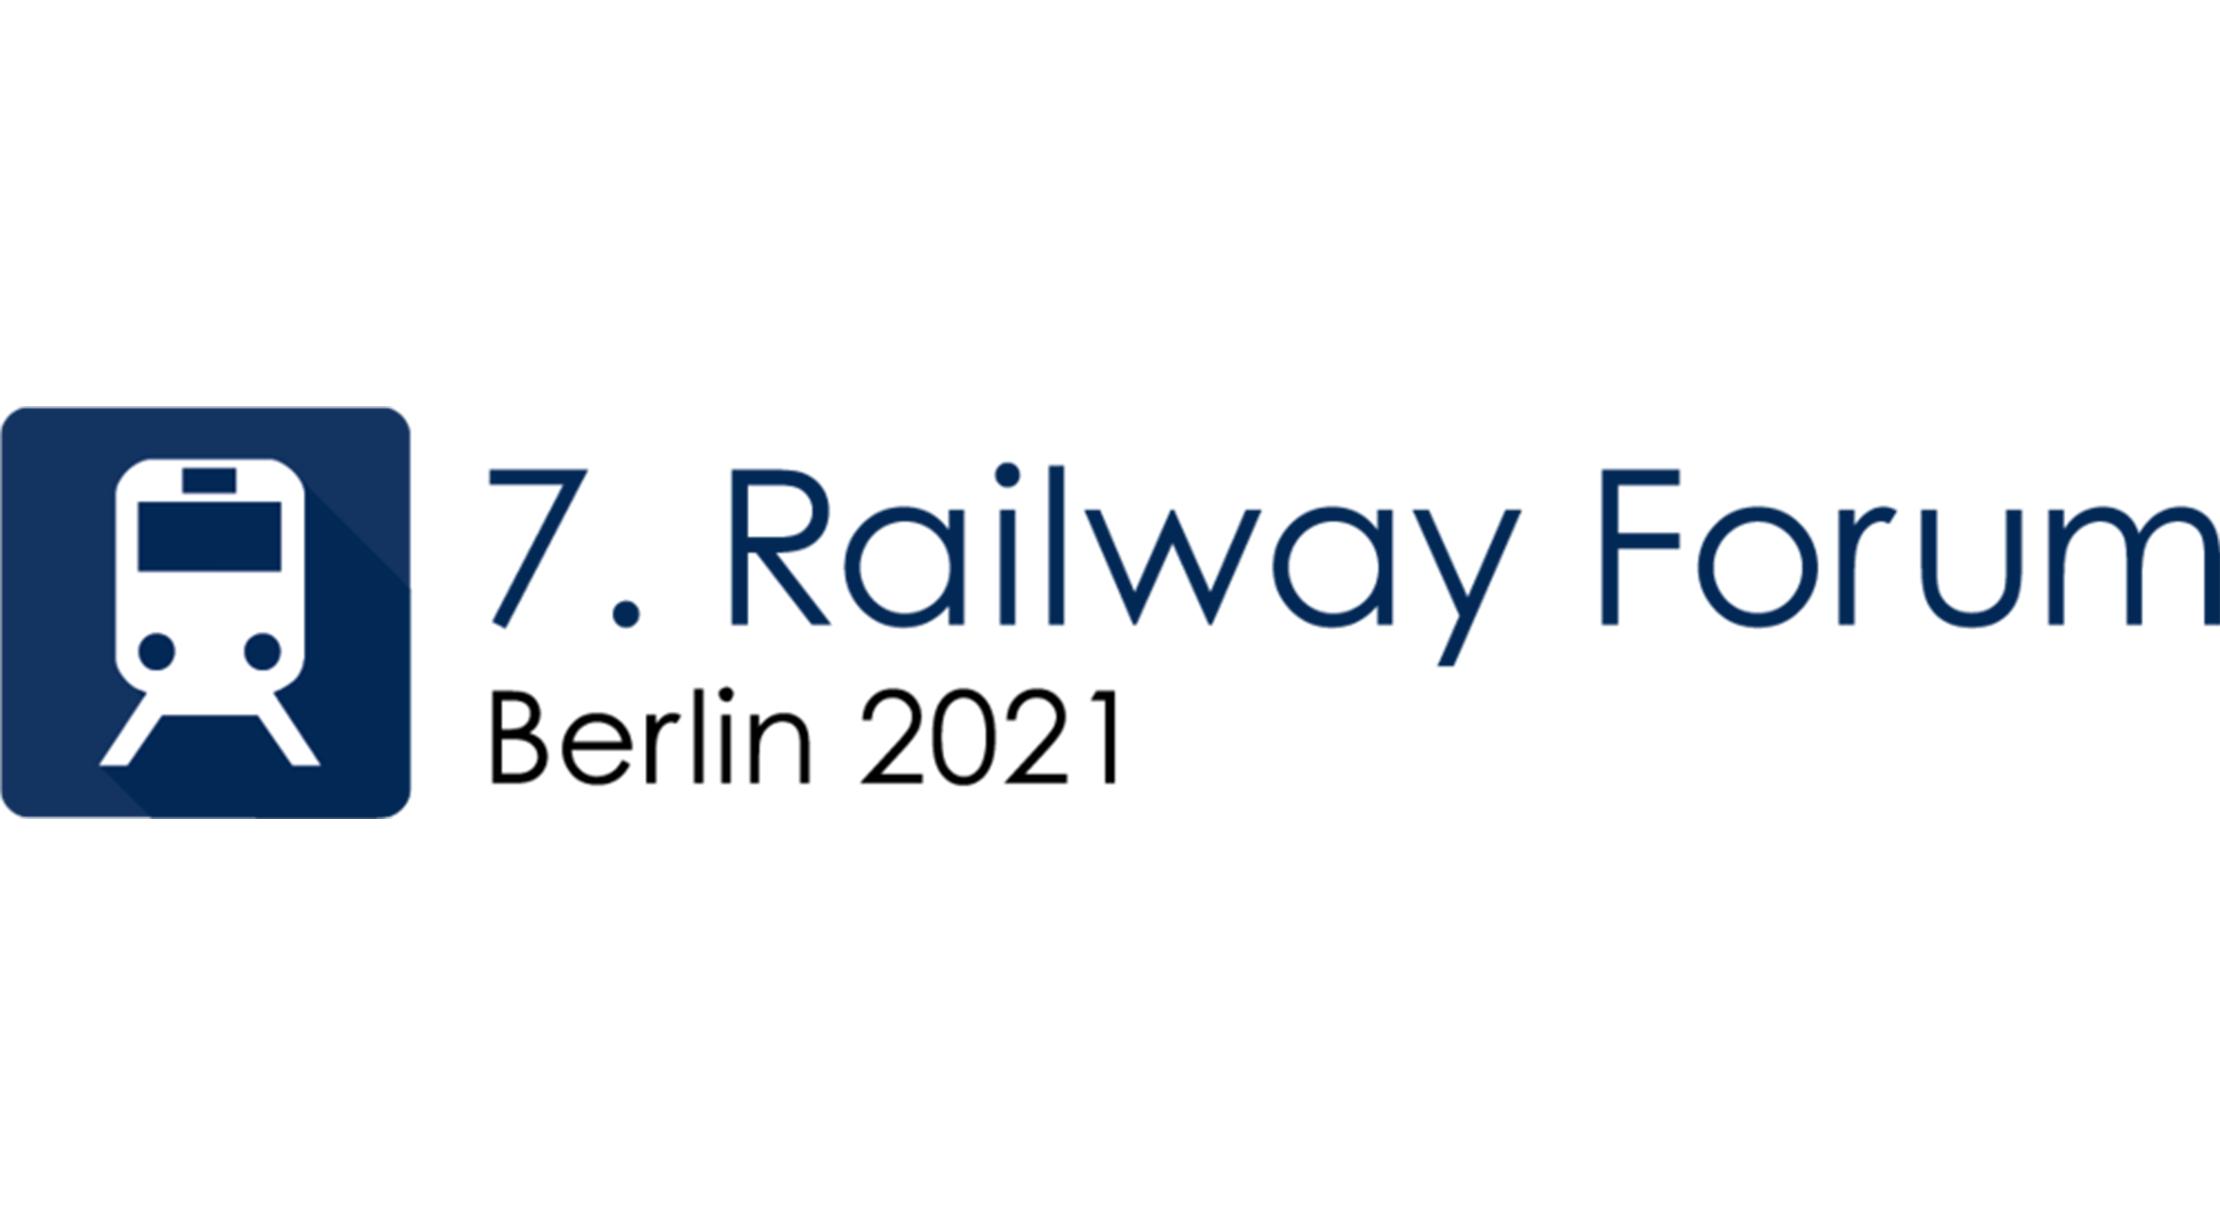 7. Railway Forum Berlin